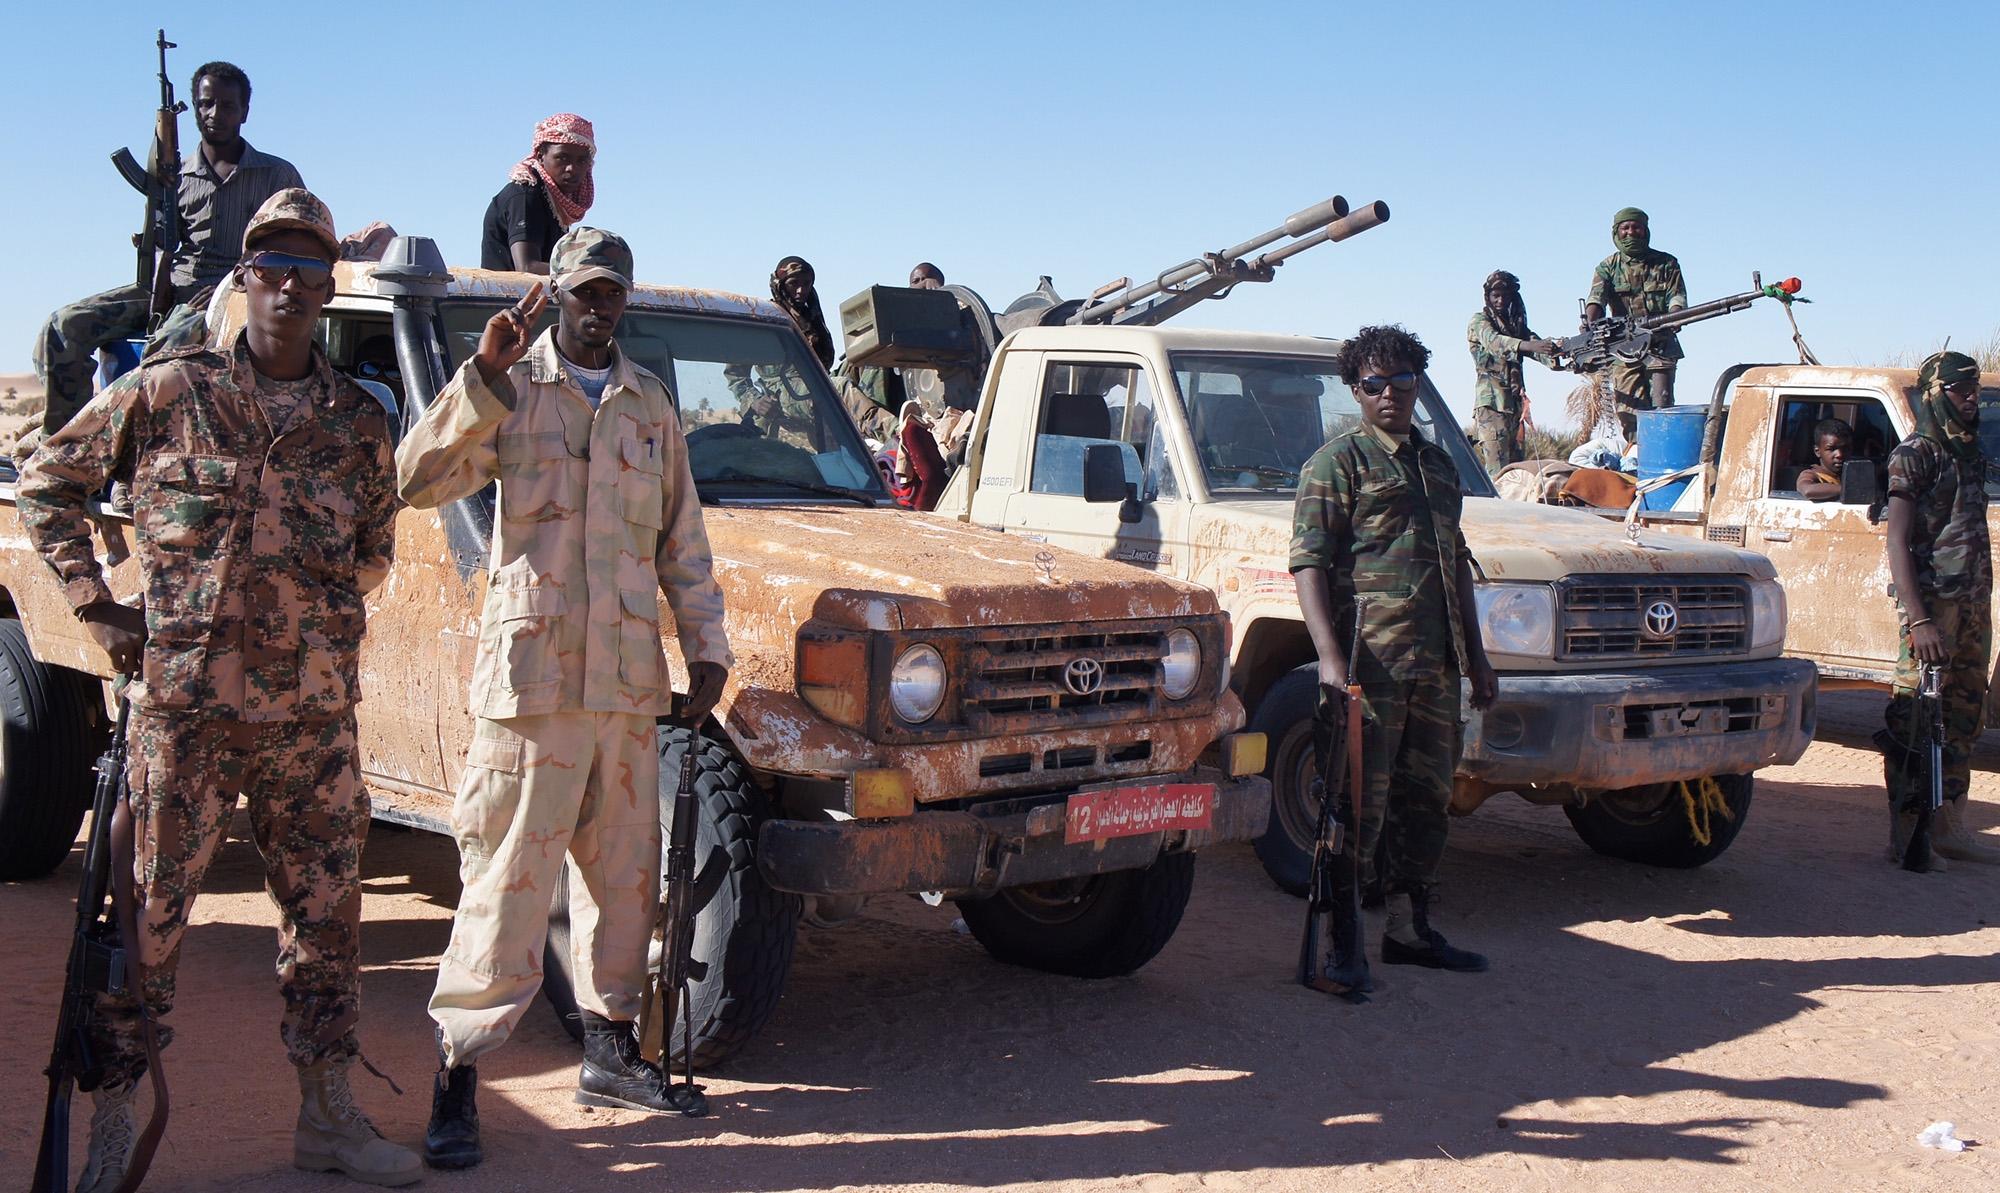 هل تحتاج ليبيا فعلا إلى عملية عسكرية دولية تحسبا لخطر إرهابي محدق؟